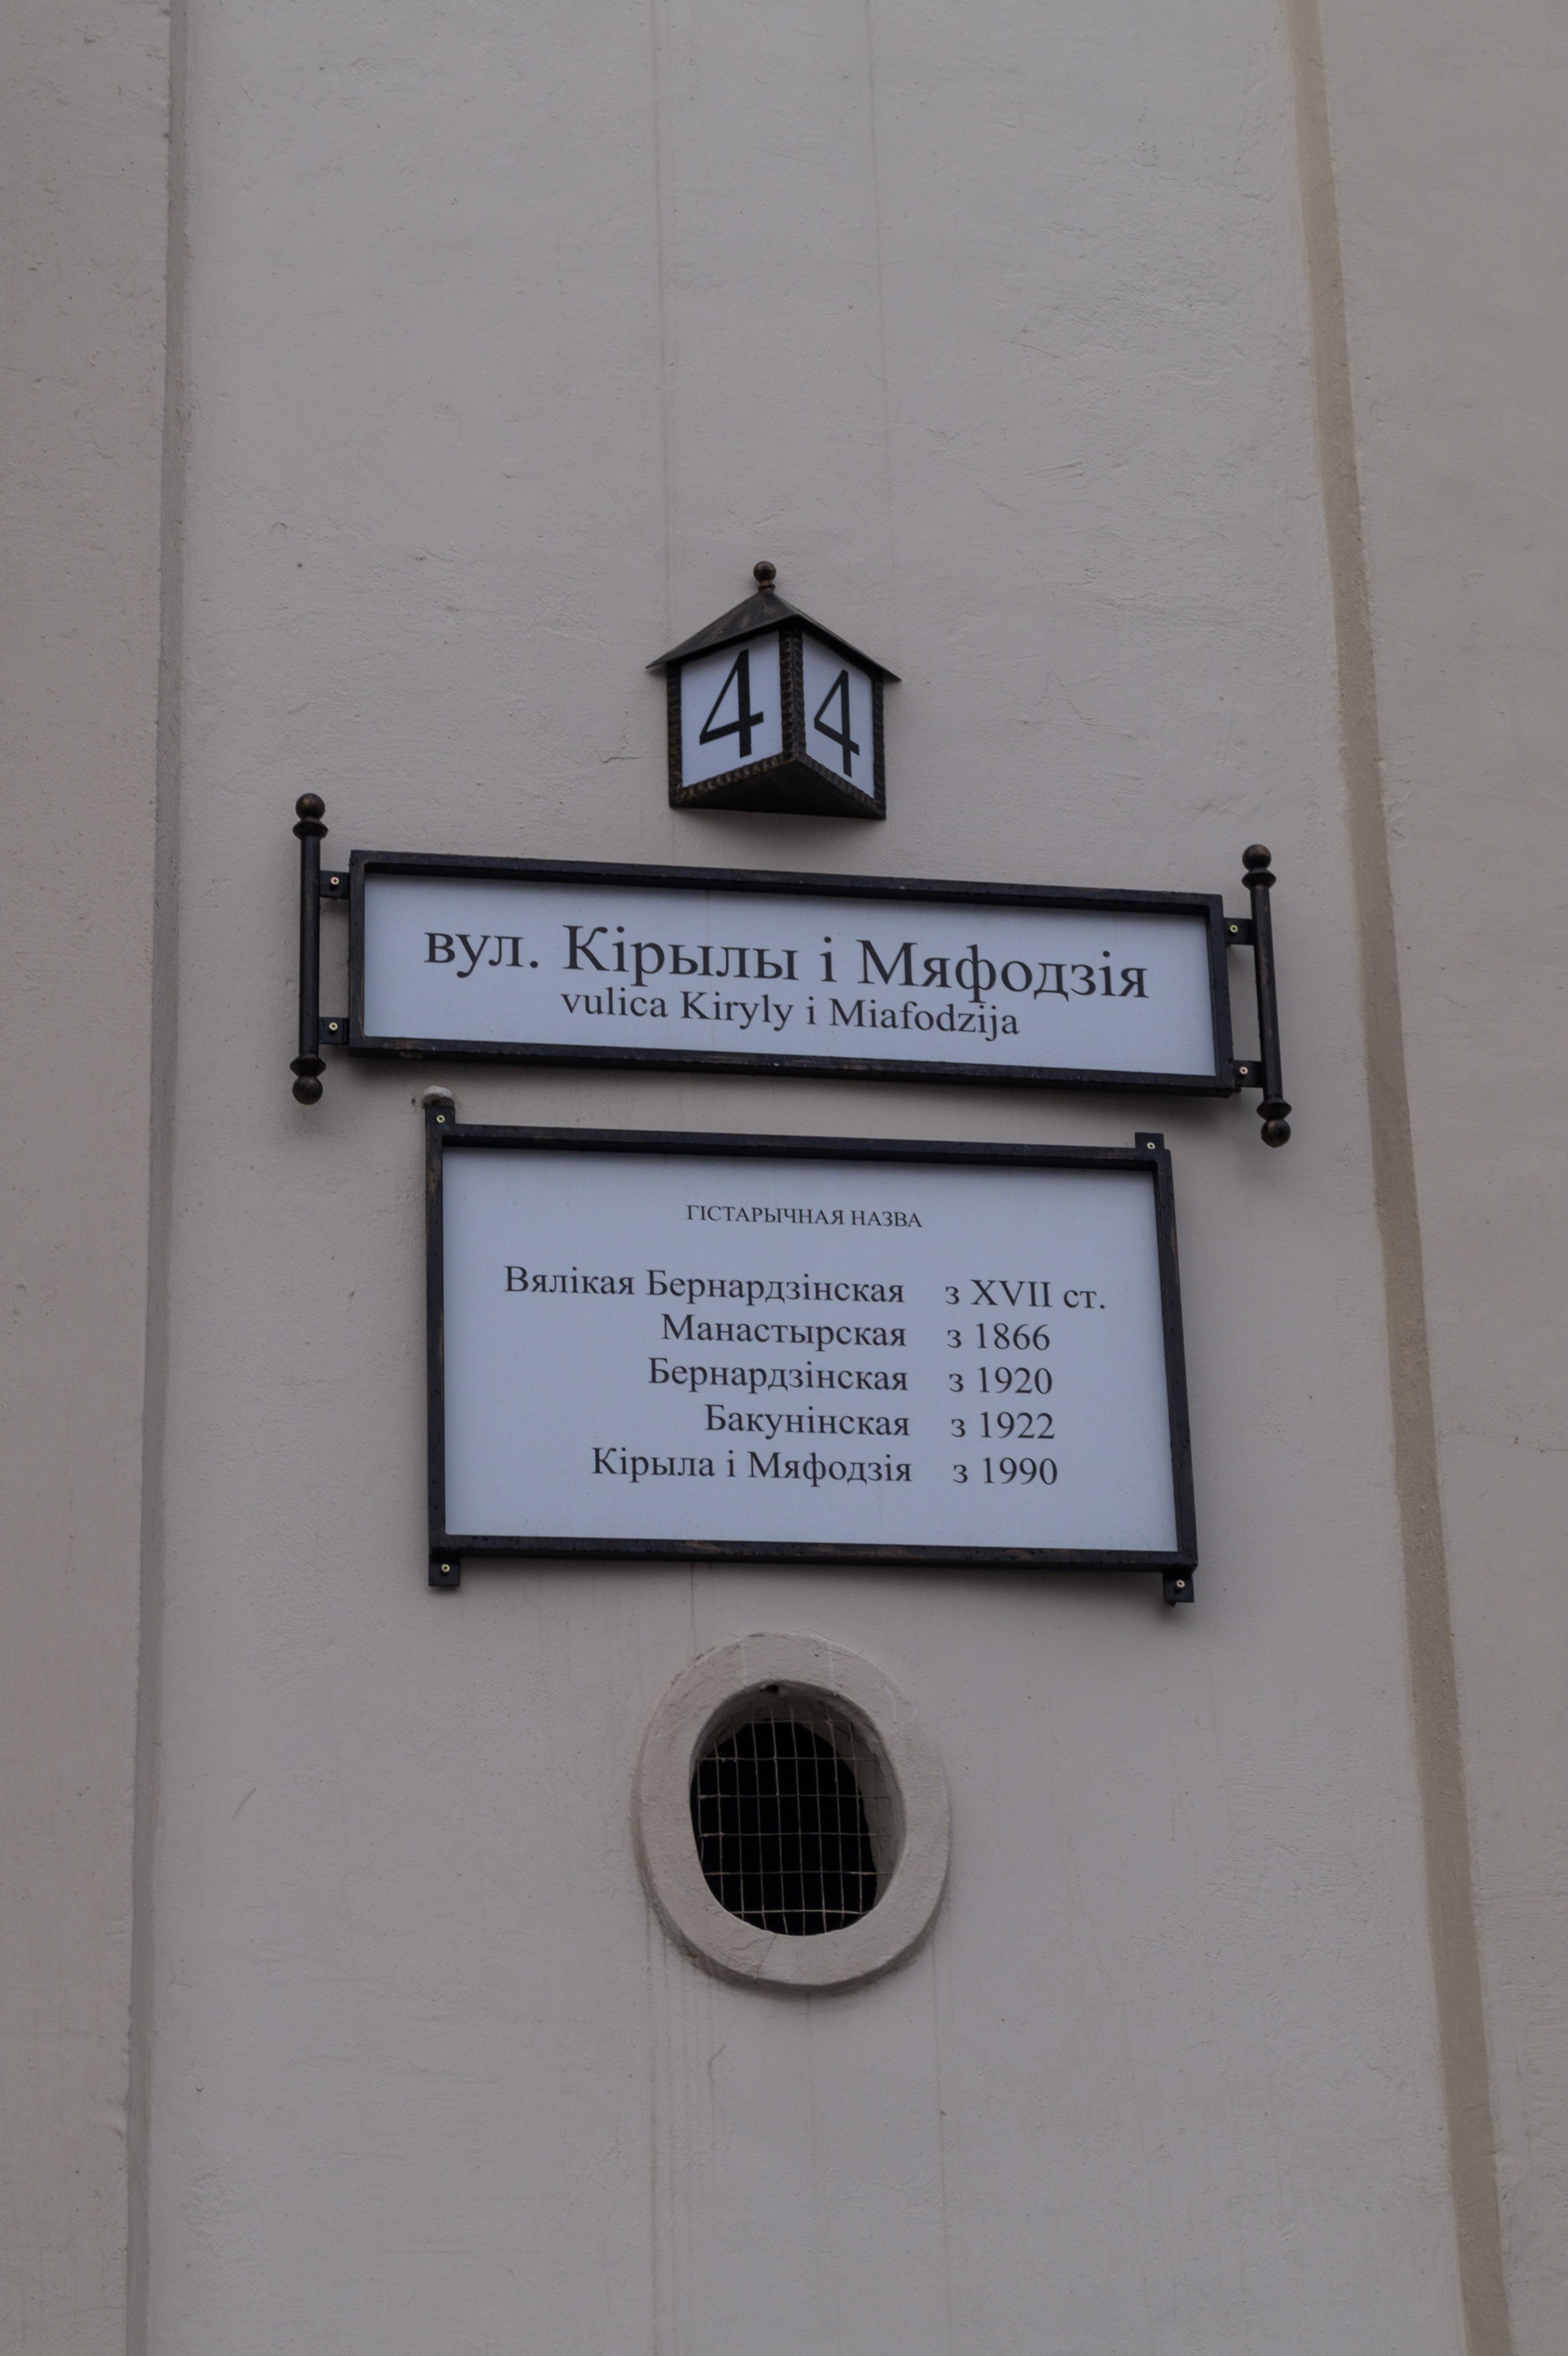 Минск. Верхний Город. Улица Кирилла и Мефодия.